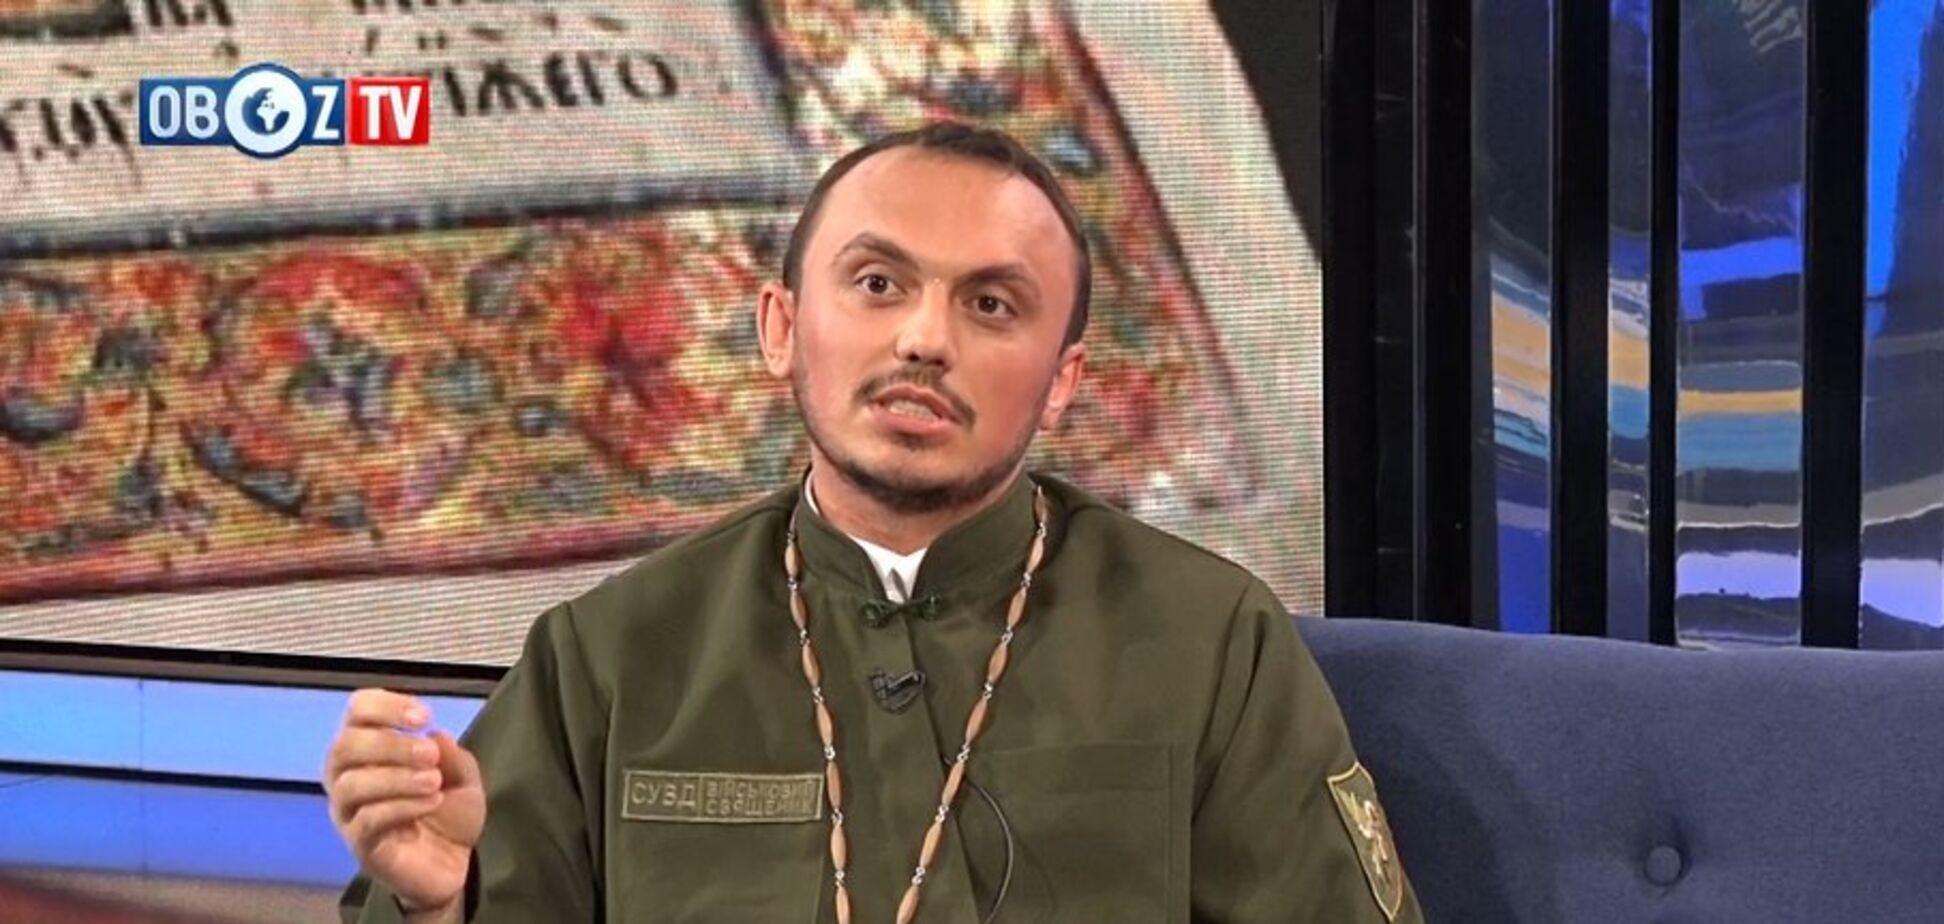 Московская церковь не заинтересована в том, чтобы люди думали: заявление священника ПЦУ